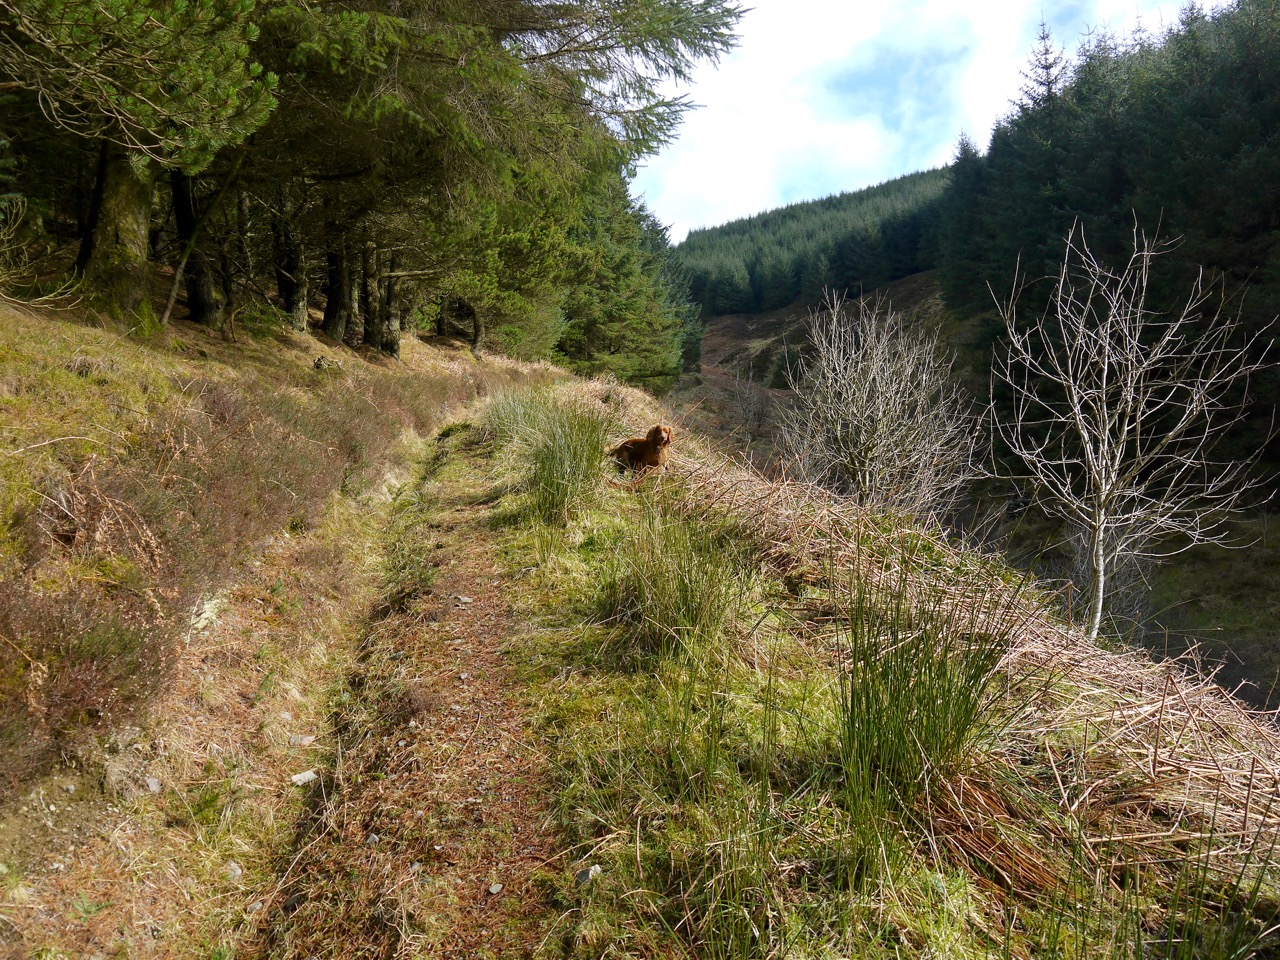 Garrogill path